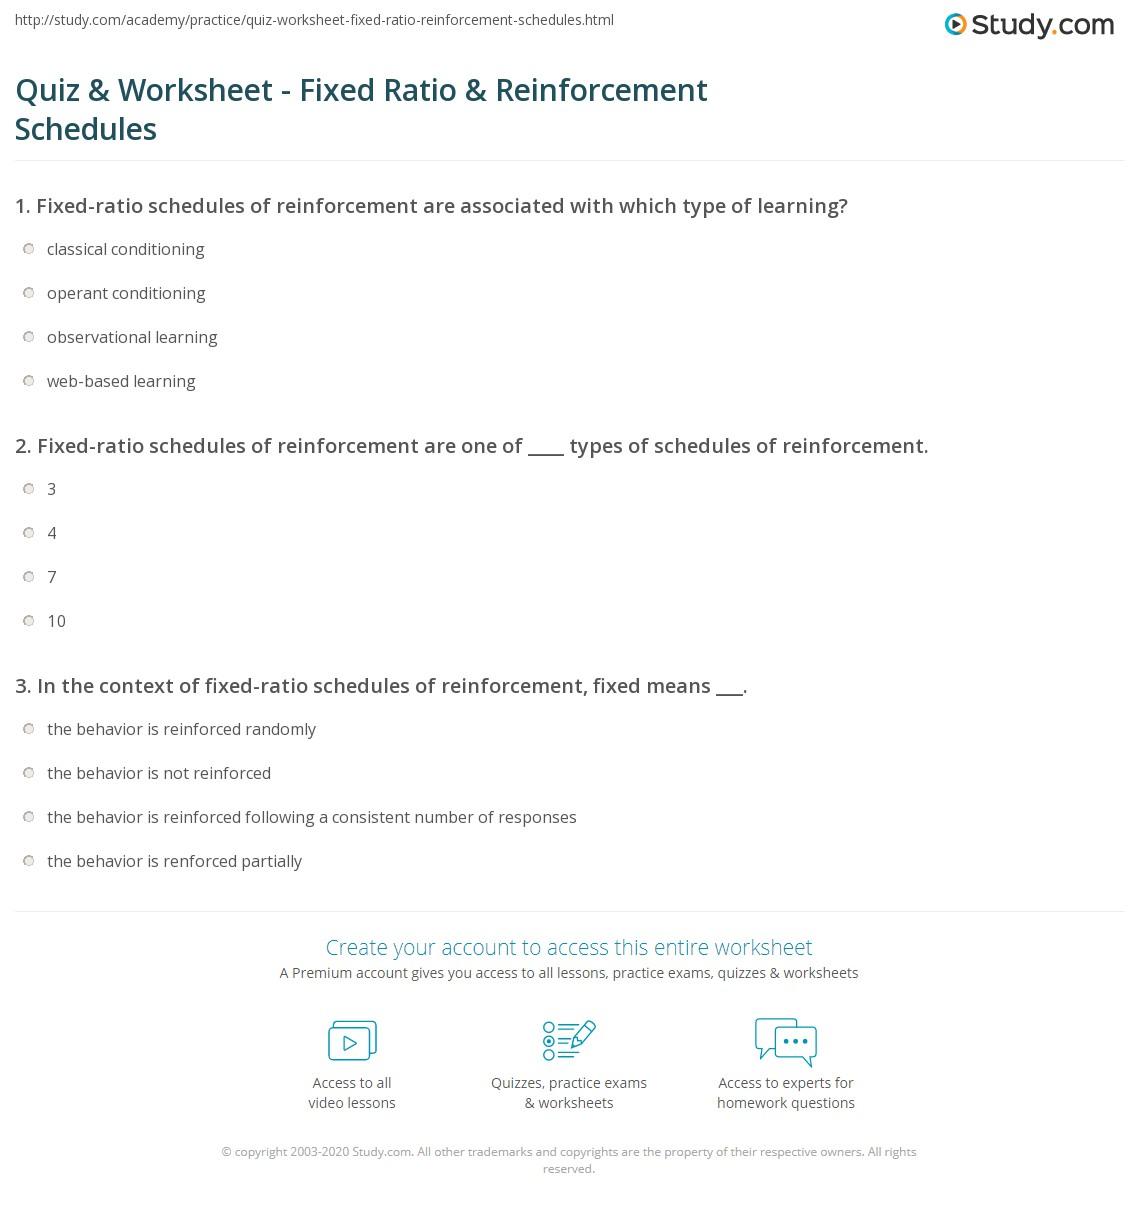 Quiz Worksheet Fixed Ratio Reinforcement Schedules Study Com